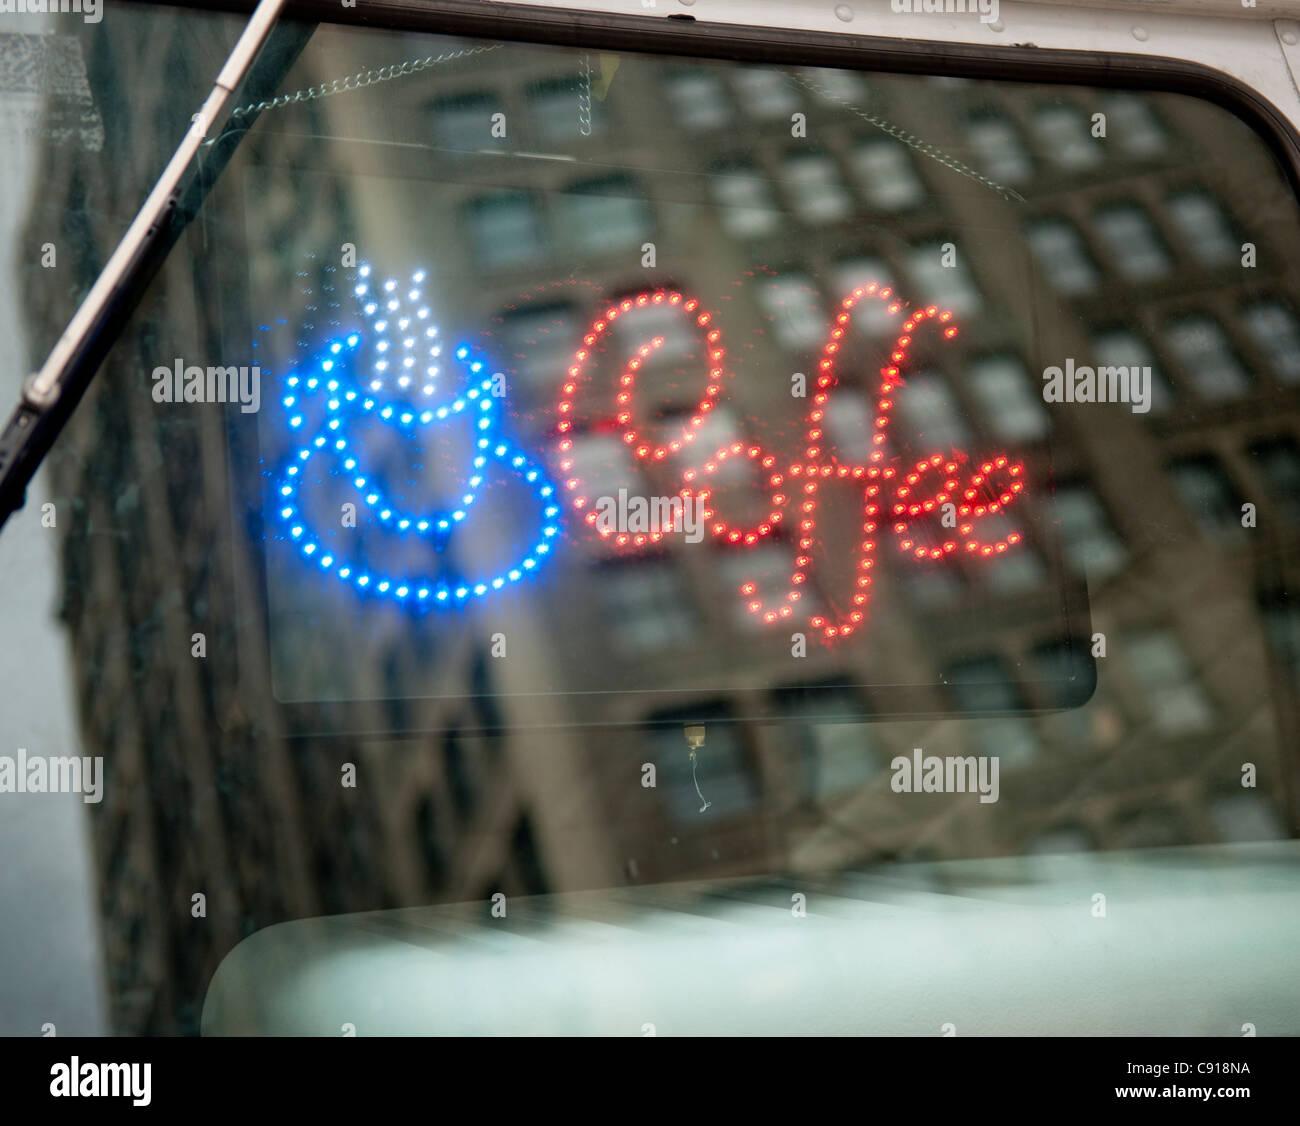 Es gibt viele mobile Speisen und Getränke-Wagen in New York und sind beliebt bei Einheimischen und Touristen Stockbild